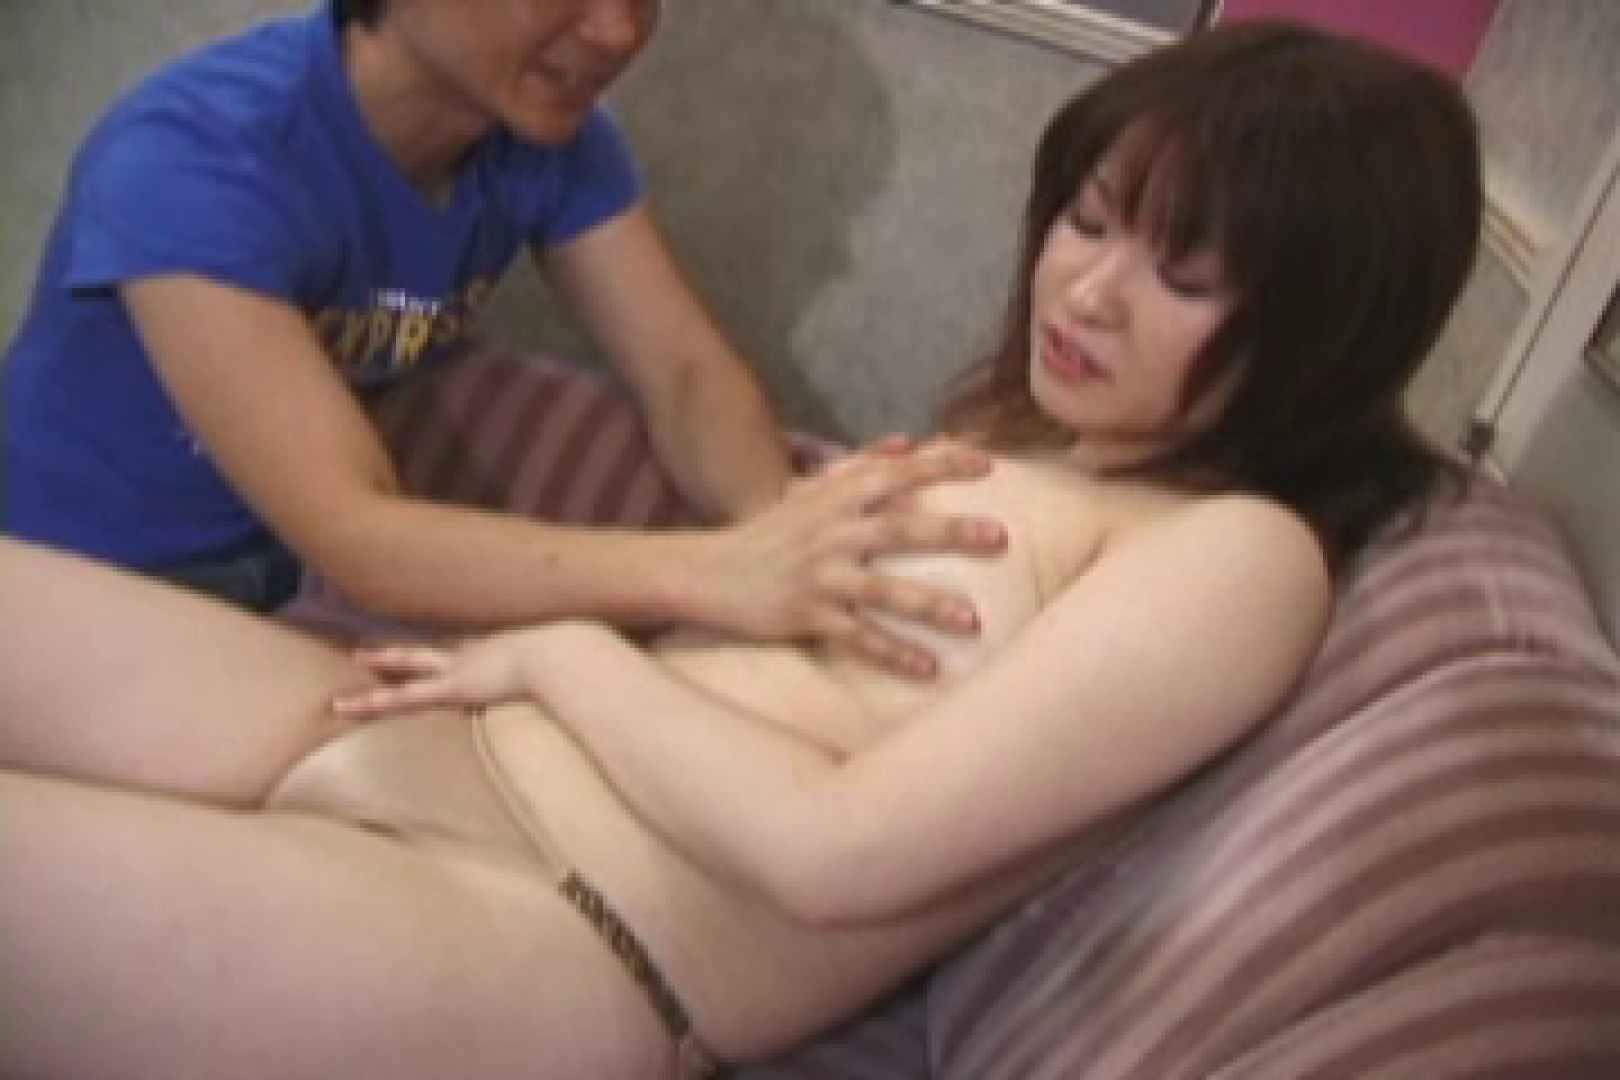 素人嬢126人のハメ撮り 斉藤由加 素人 | メーカー直接買い取り  108pic 49